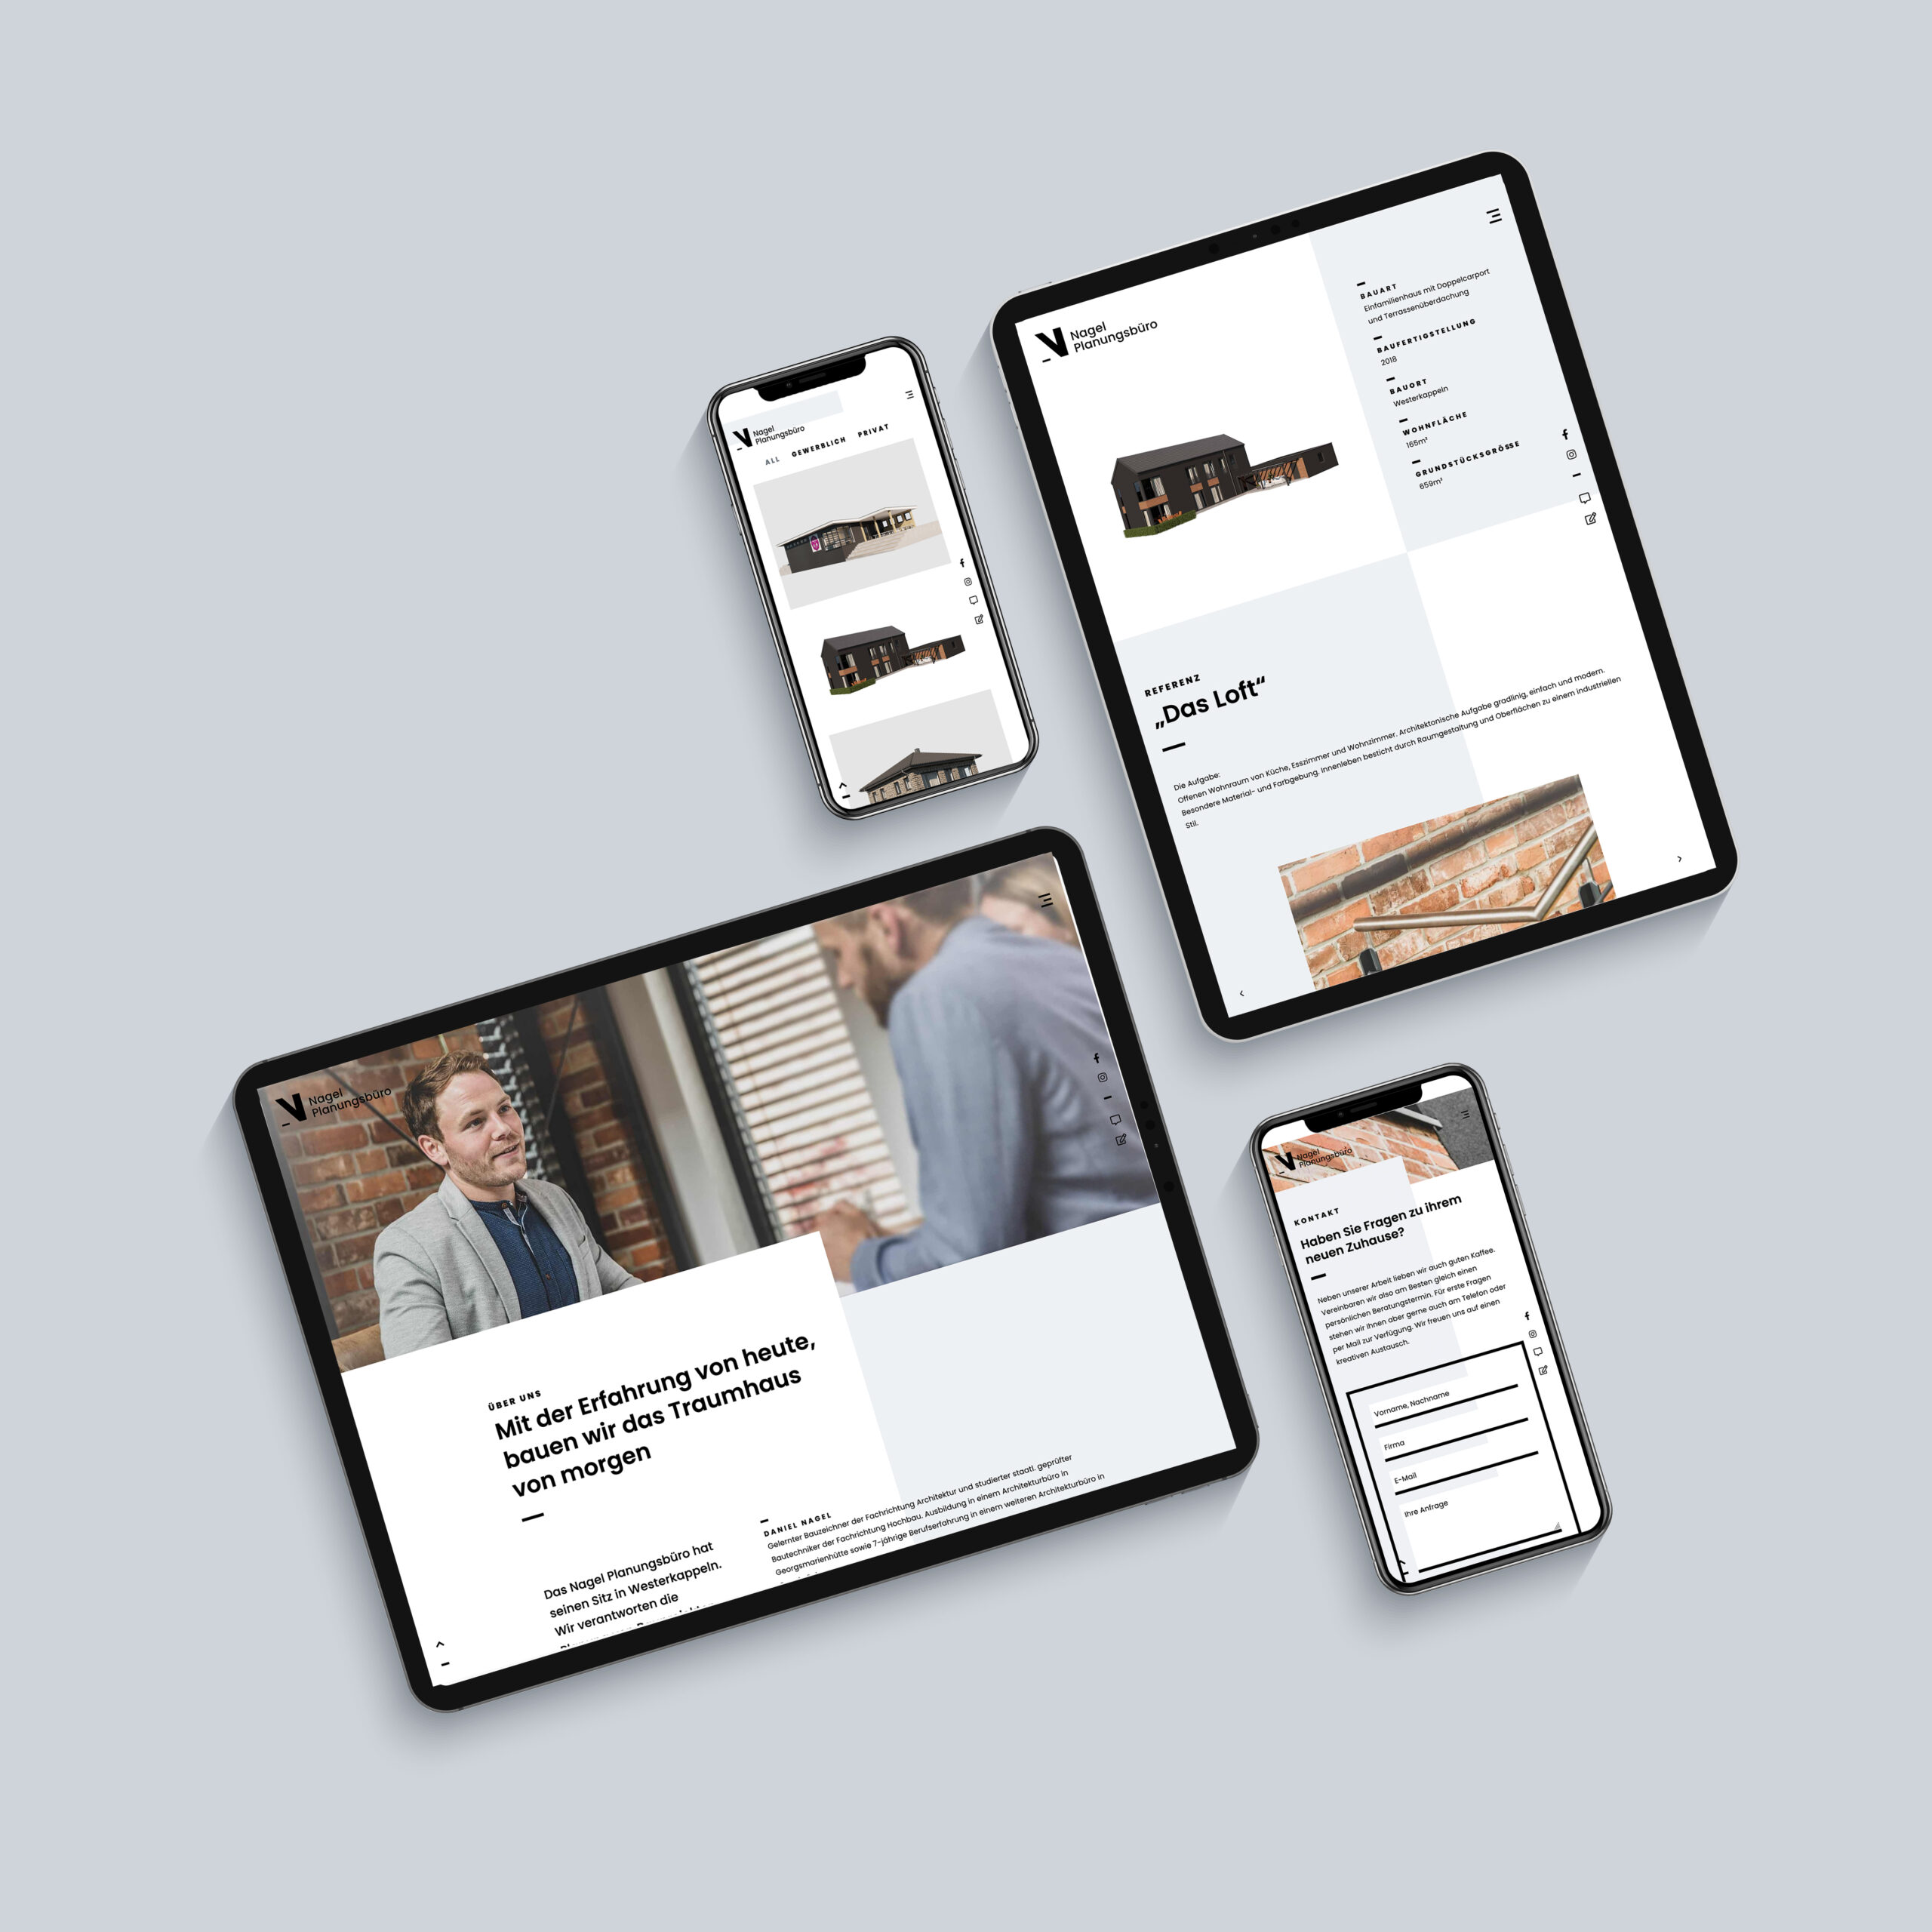 Webdesign für Planungsbüro Nagel von team4media